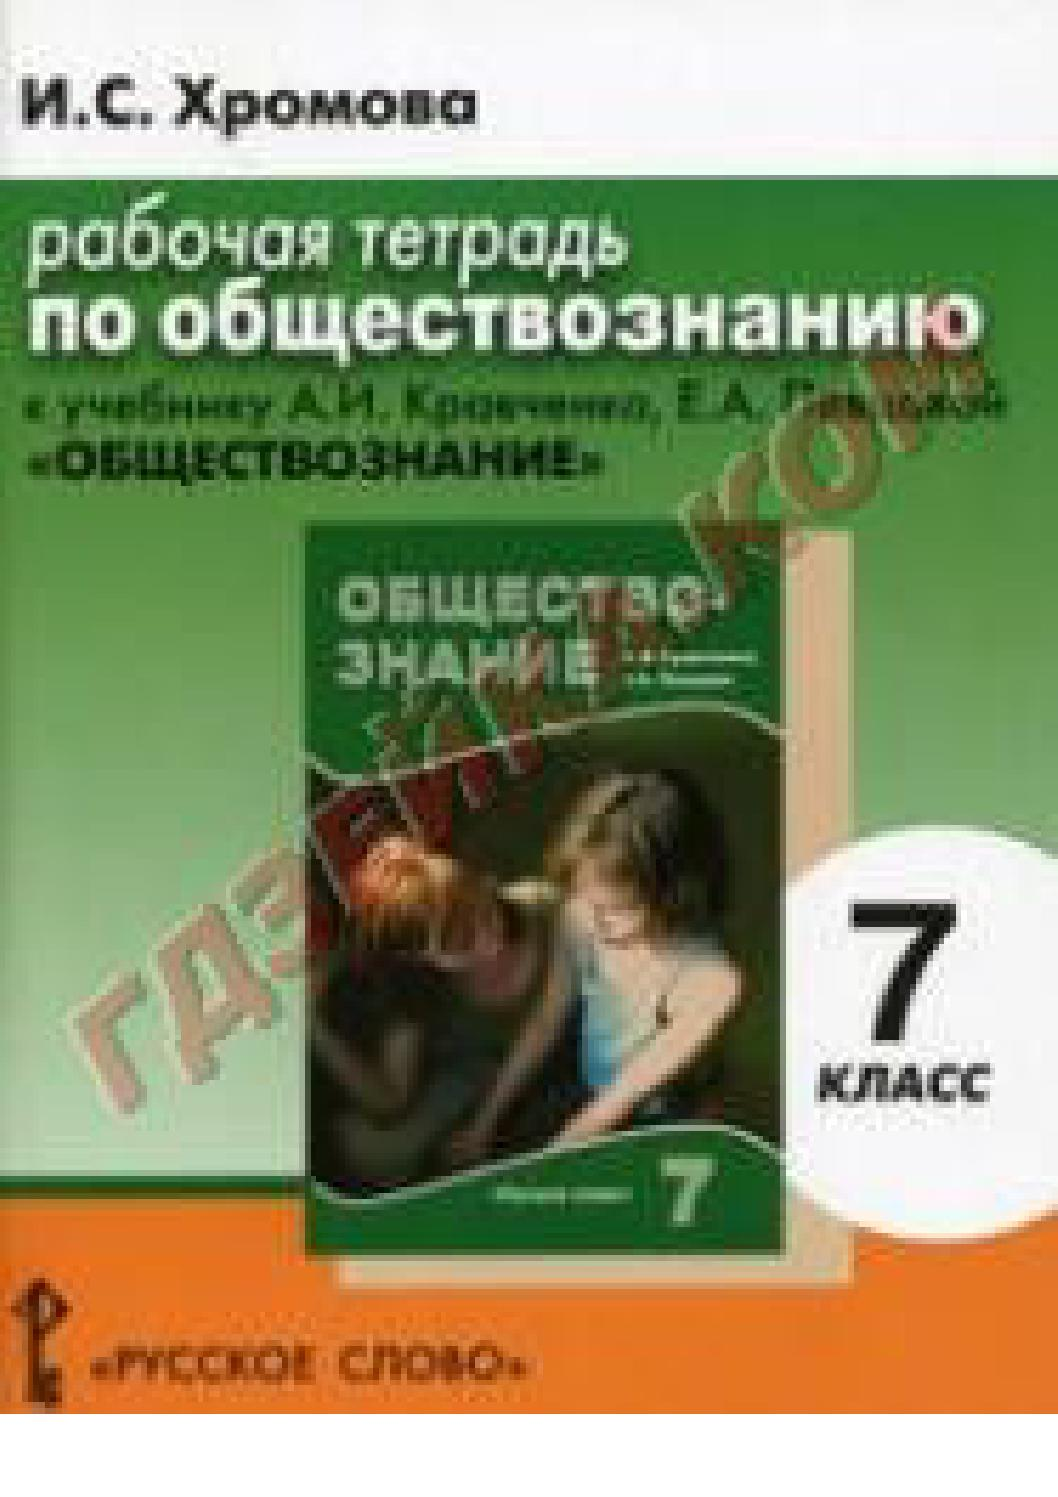 певцова класс гдз 7 кравченко i обществознание